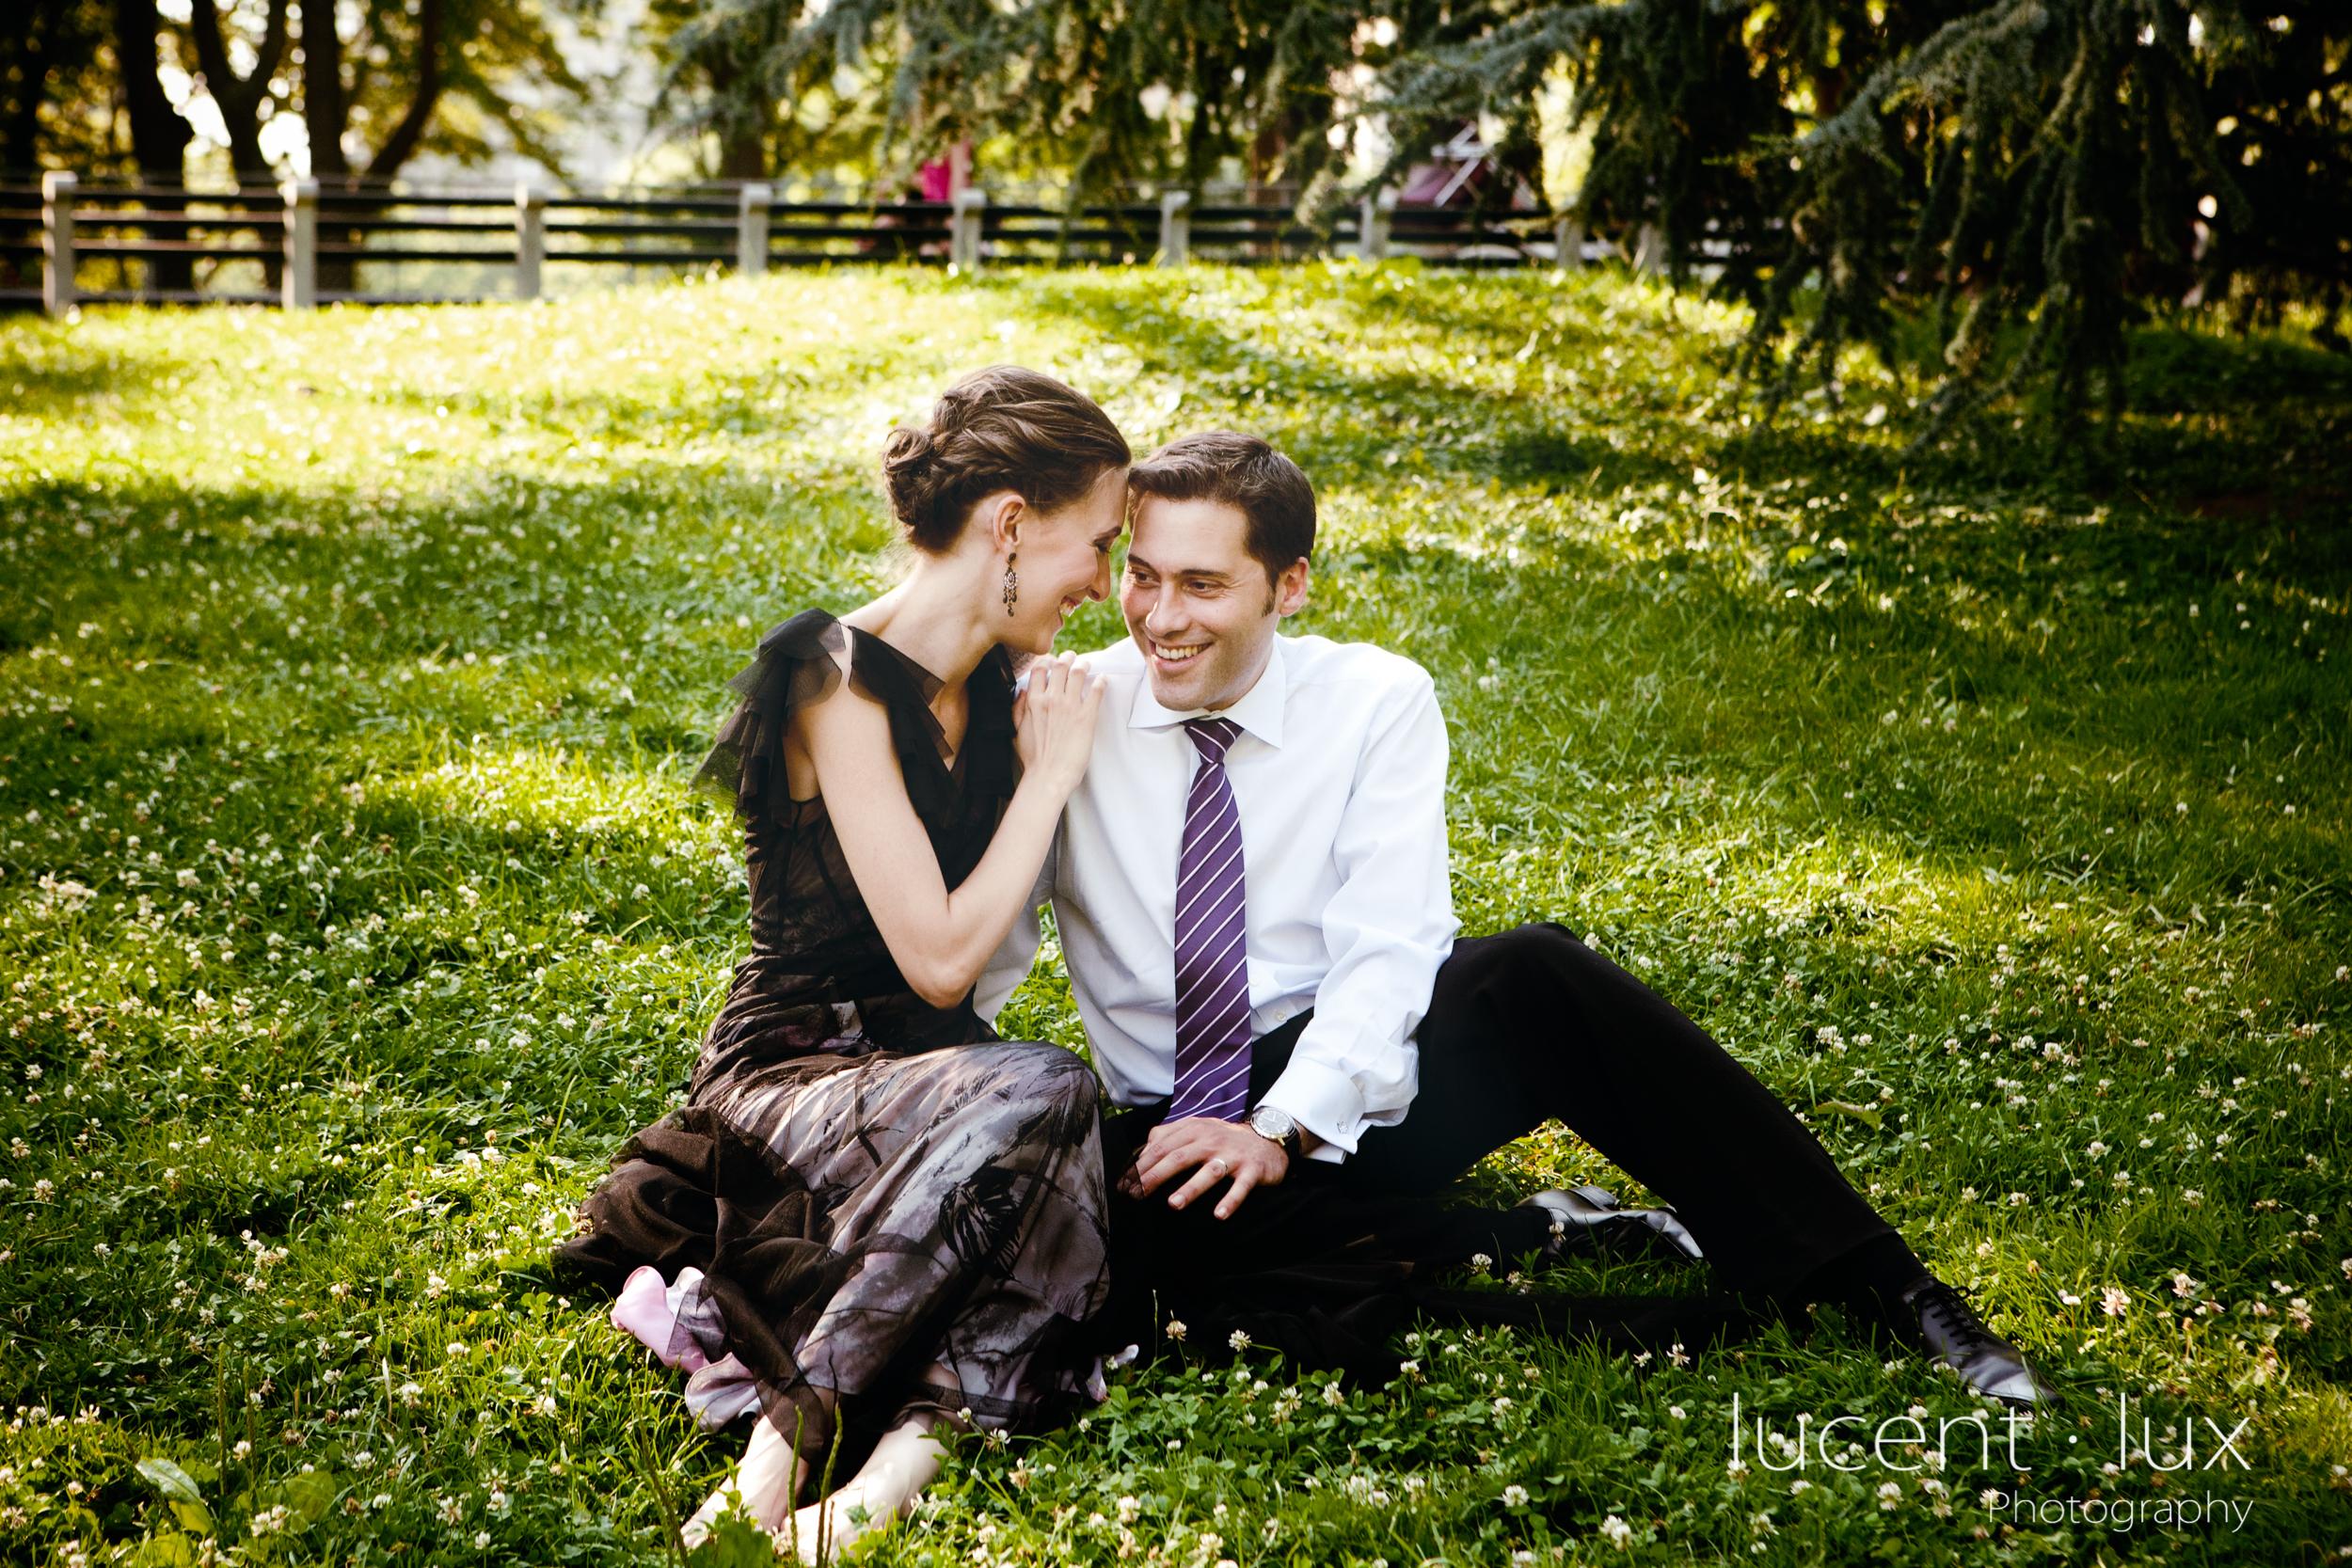 Baltimore-Maryland-Engagement-Photography-Wedding-Washington-DC-Photographer-Portrait-Engagement-202.jpg